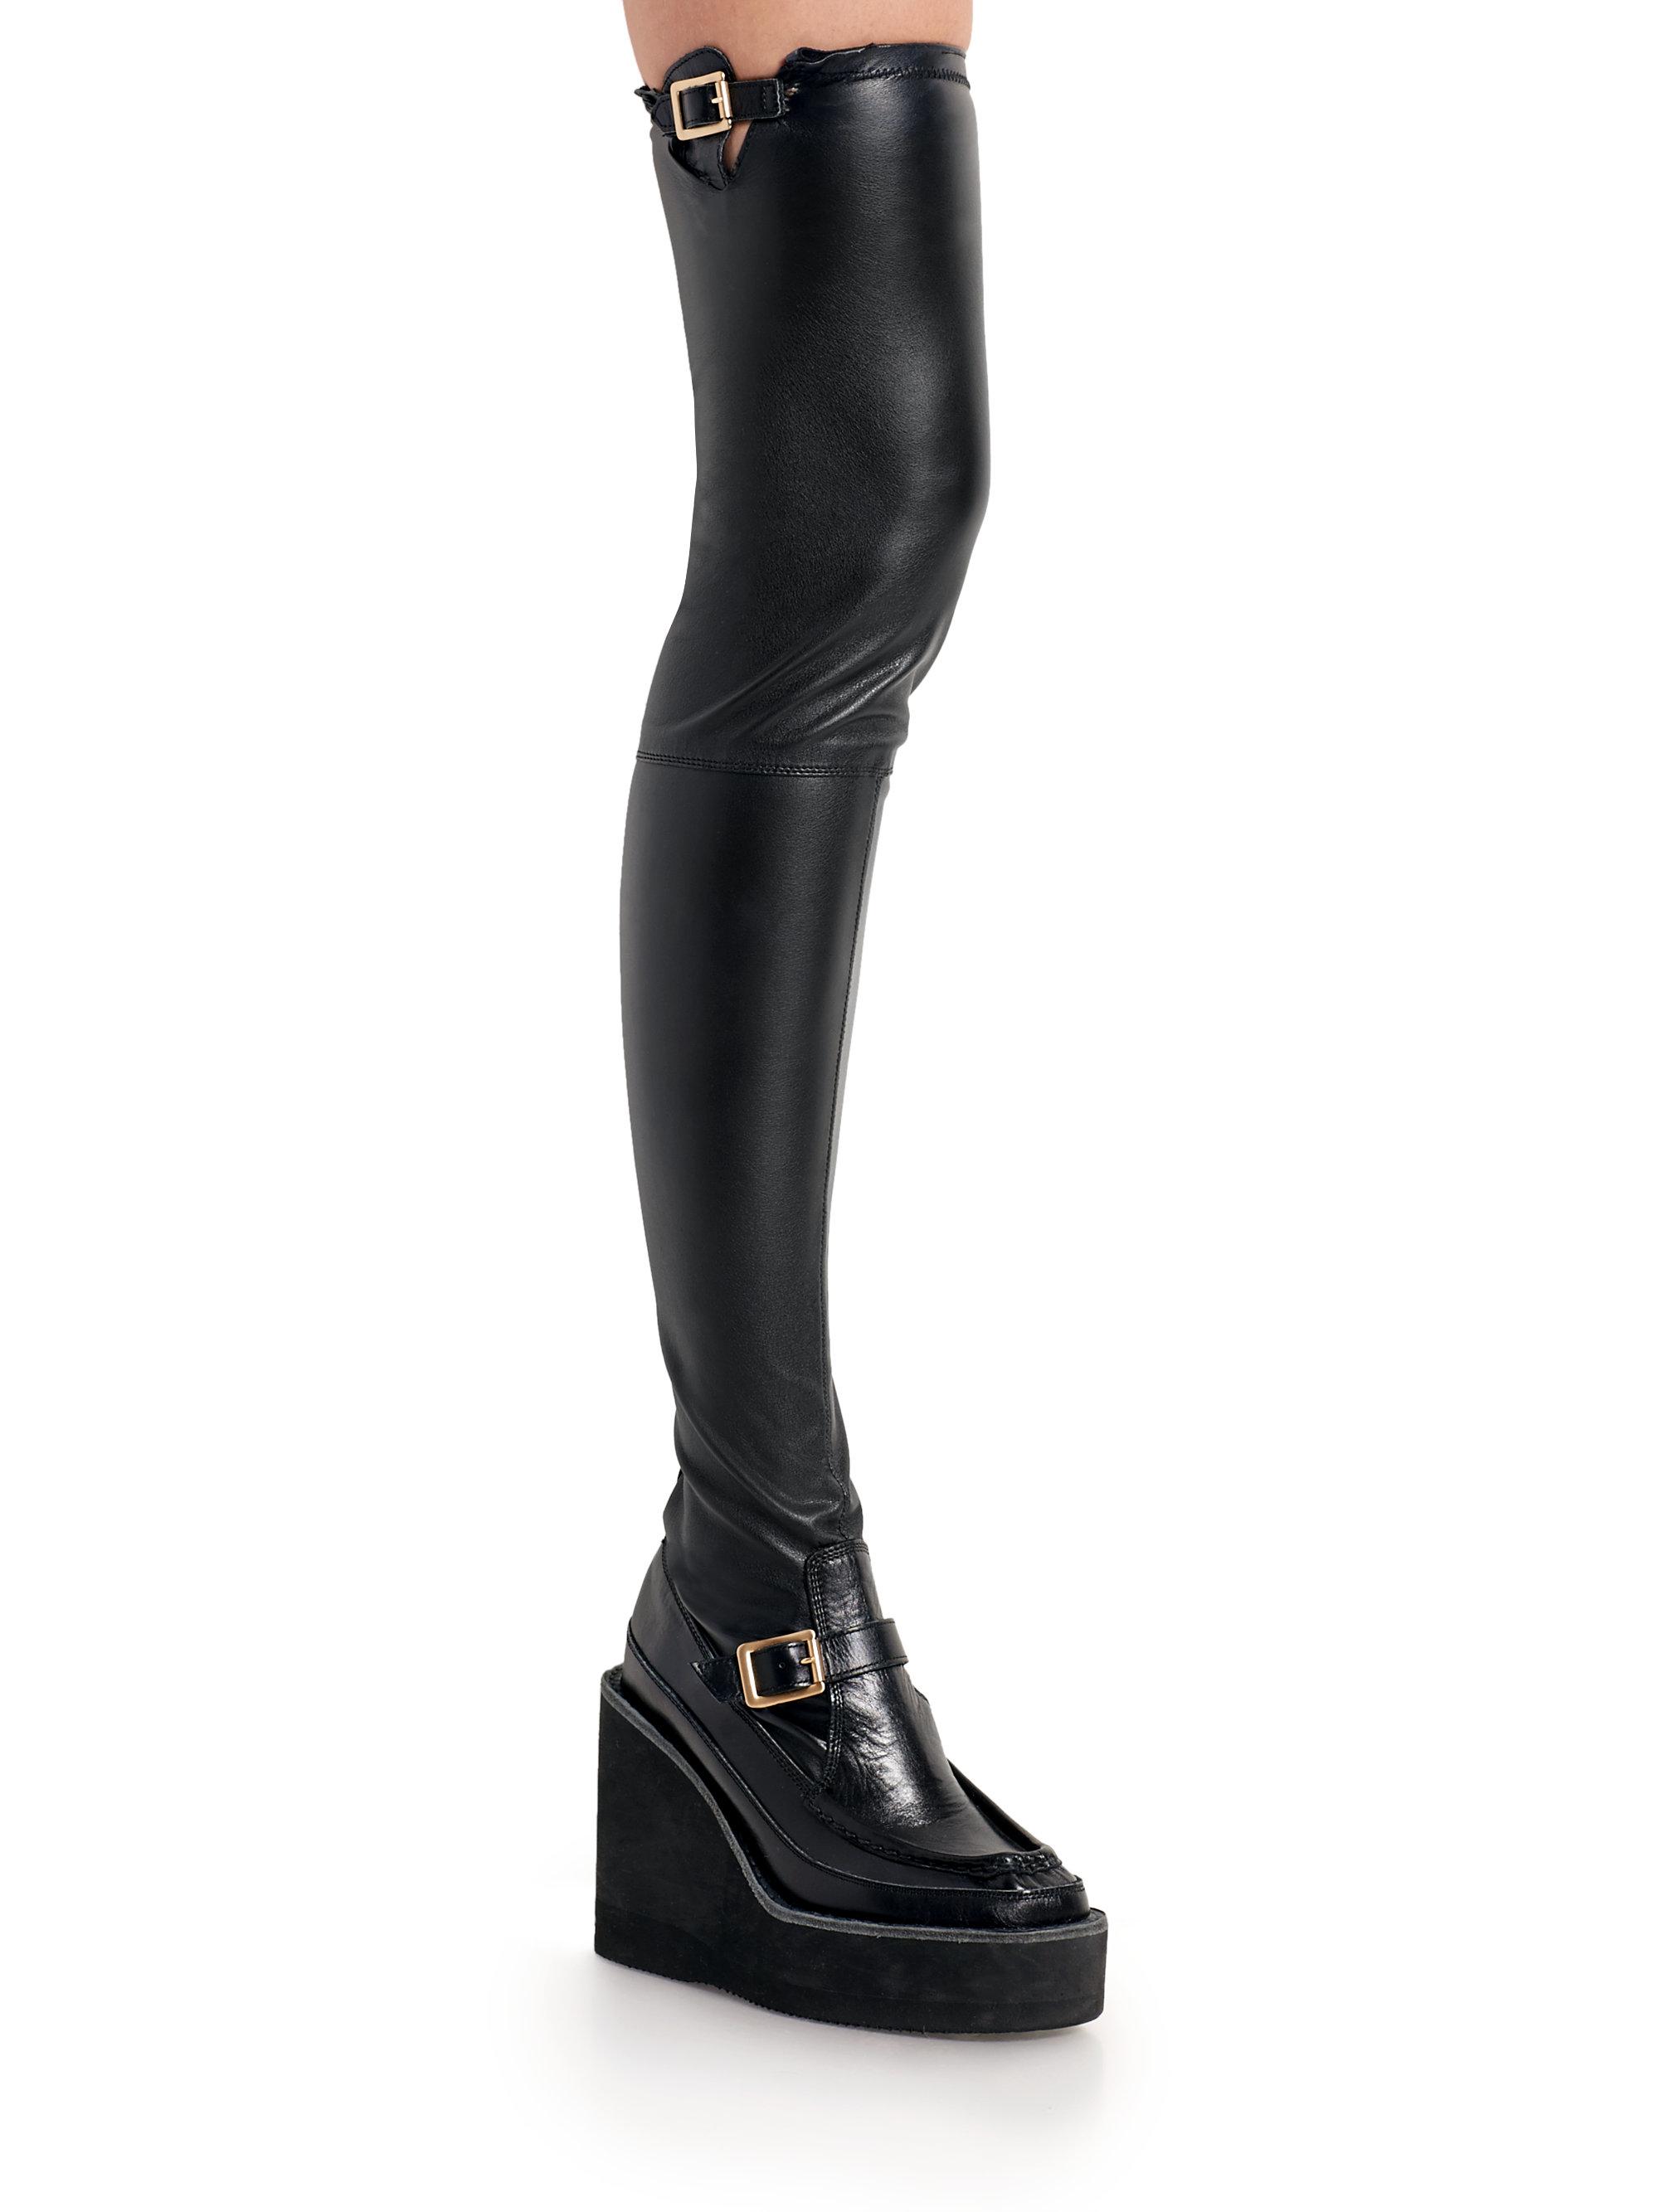 SACAI Black Long Boots Obtenir Authentique Livraison Gratuite Moins Cher OajrJh